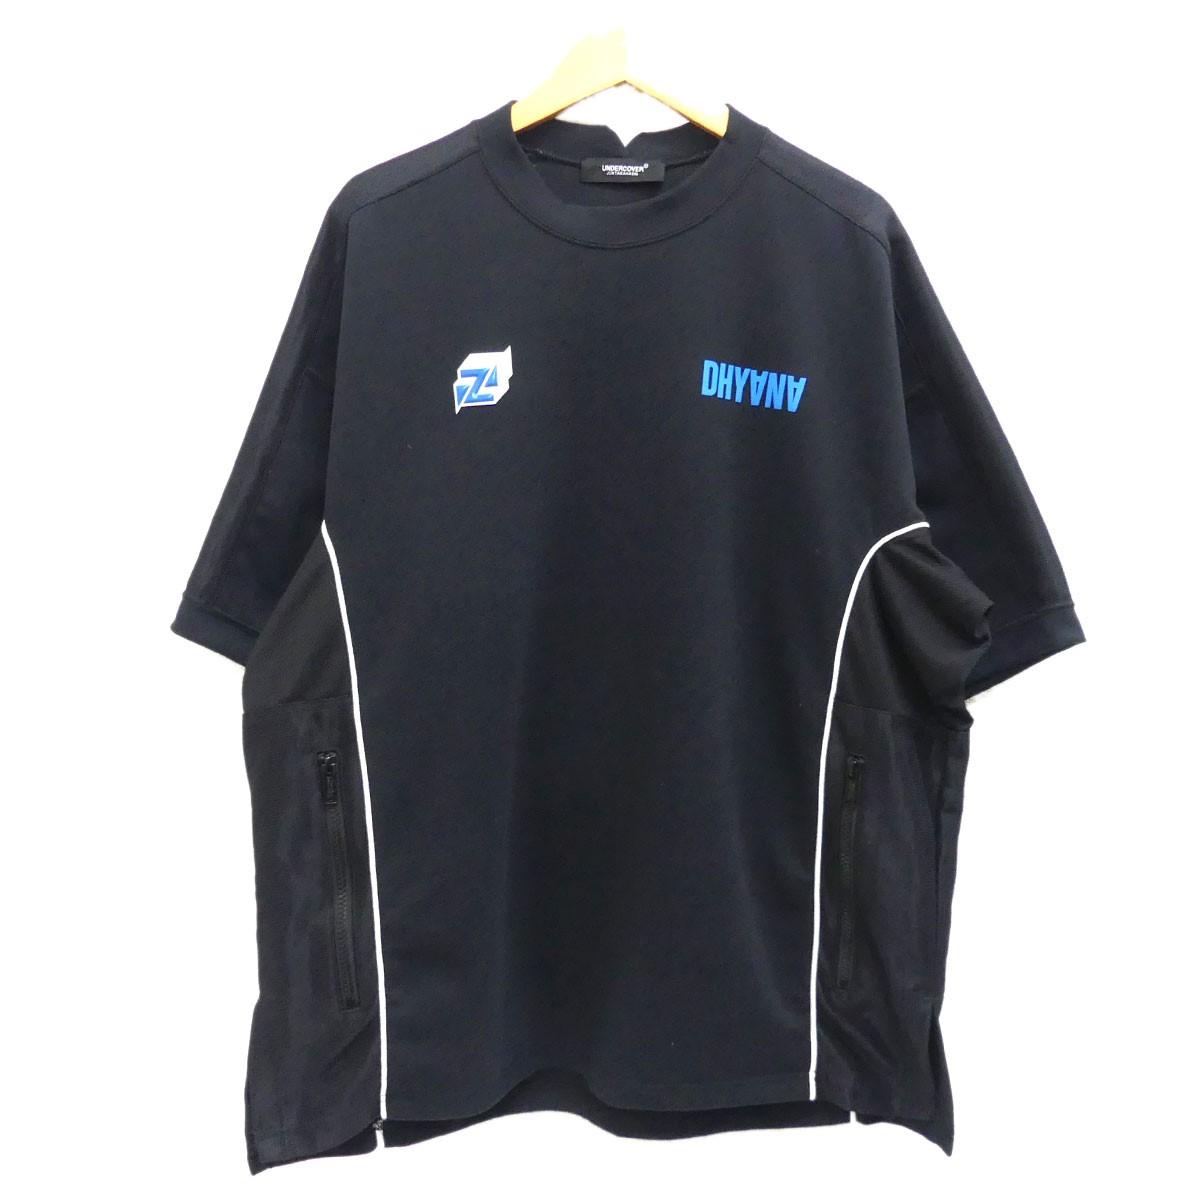 【中古】UNDER COVER 2019SS オーバーサイズデザインTシャツ ブラック サイズ:3 【250420】(アンダーカバー)